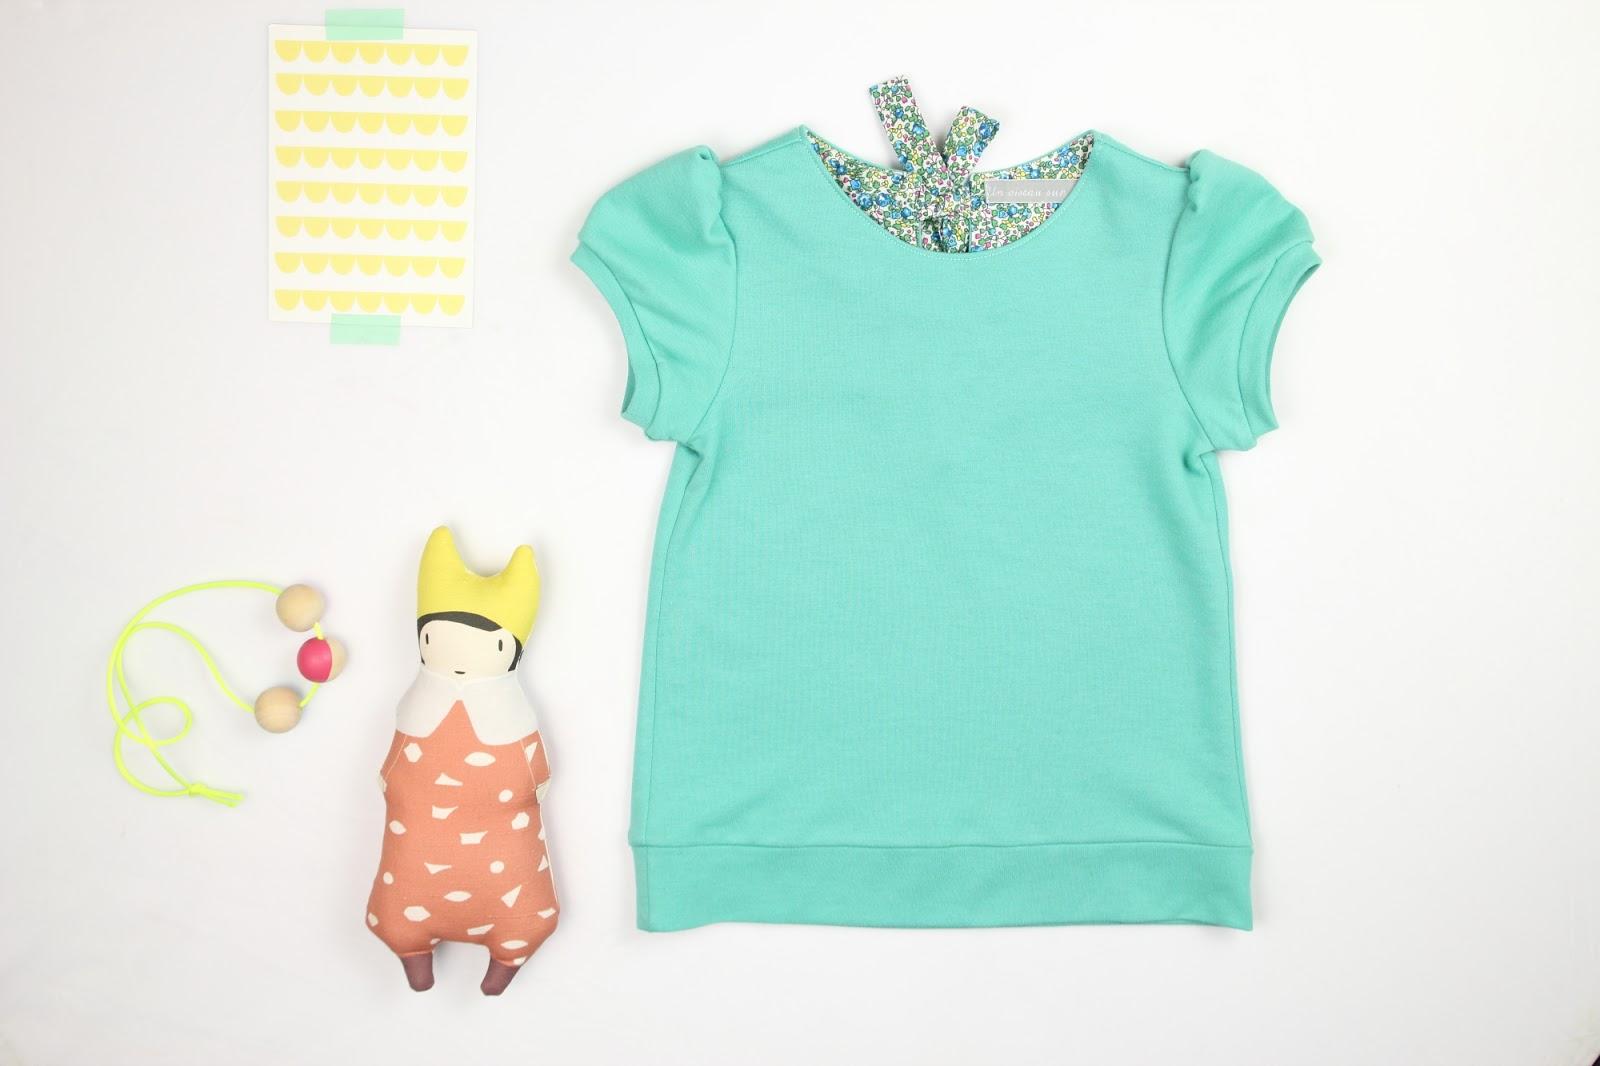 http://www.unoiseausurunfil.bigcartel.com/product/t-shirt-bertille-mc-vert-turquoise